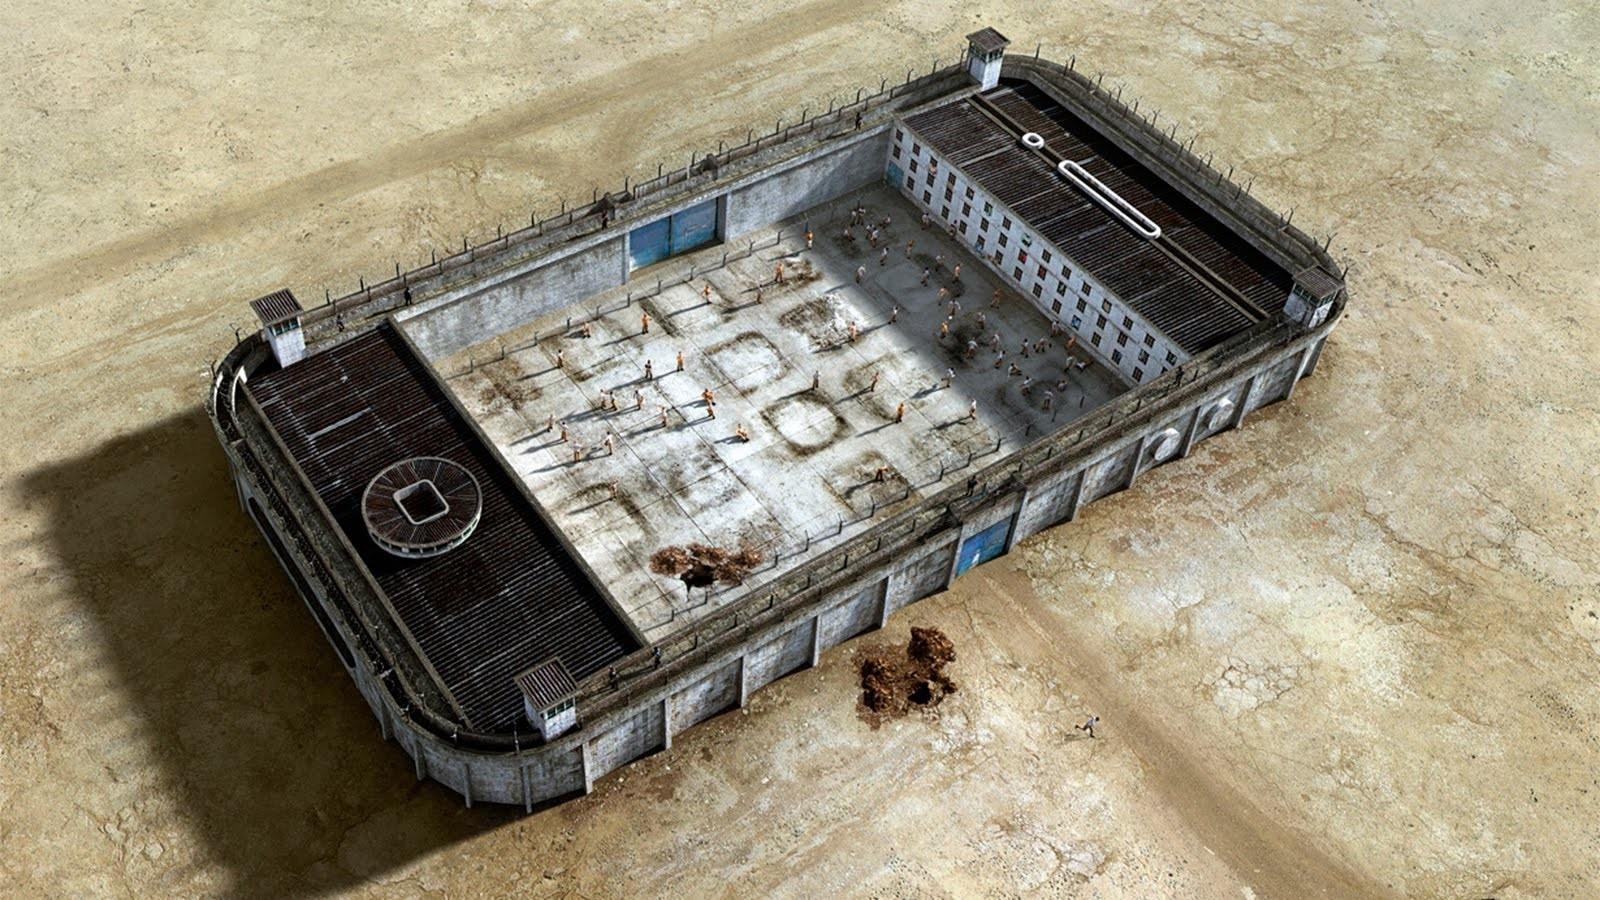 prisoner-cell-phone